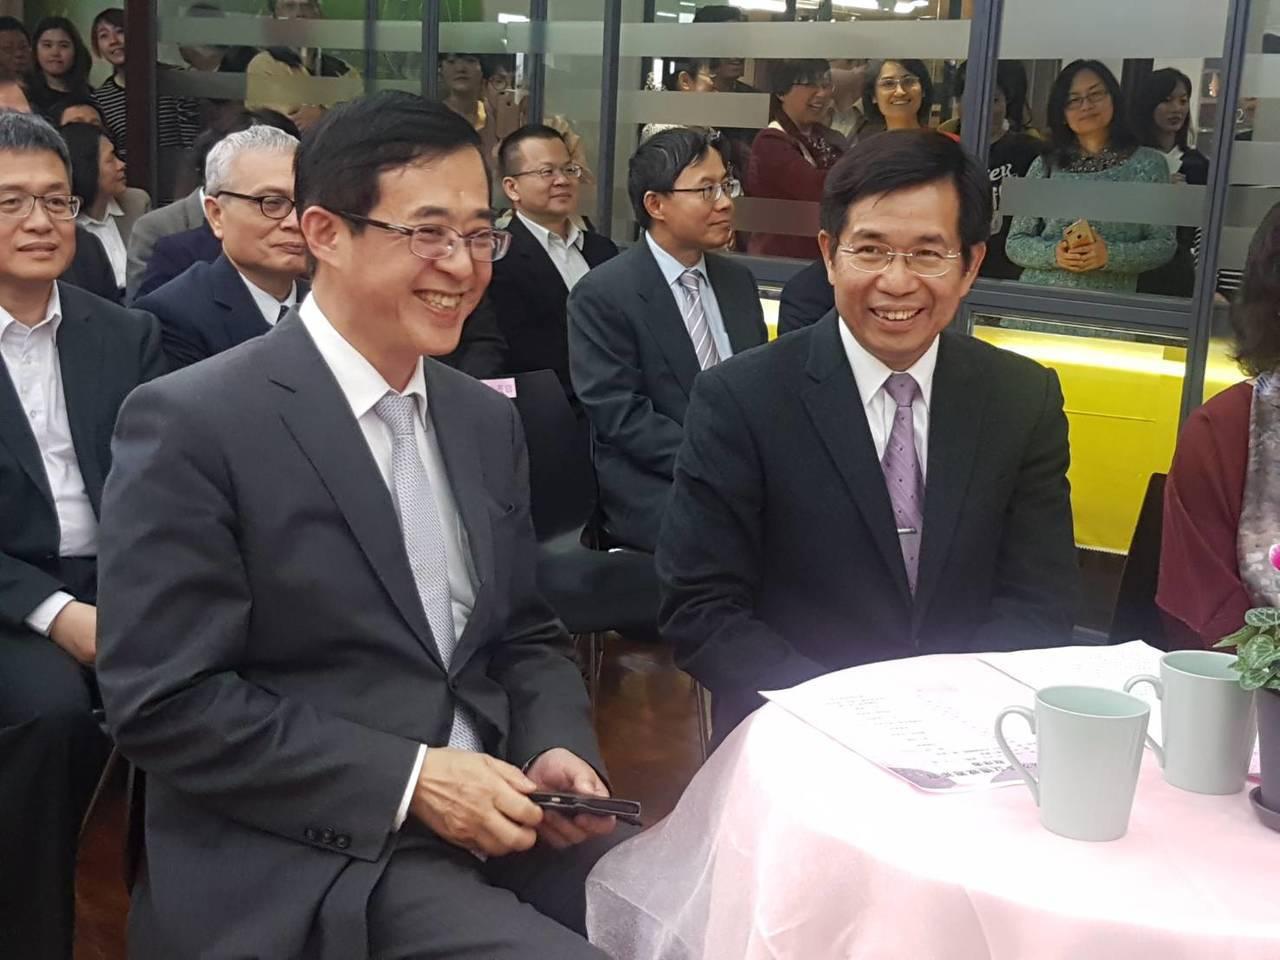 前政次姚立德(左)昨出席感恩茶會時,神情輕鬆,右為教育部長潘文忠。 記者吳佩旻/...